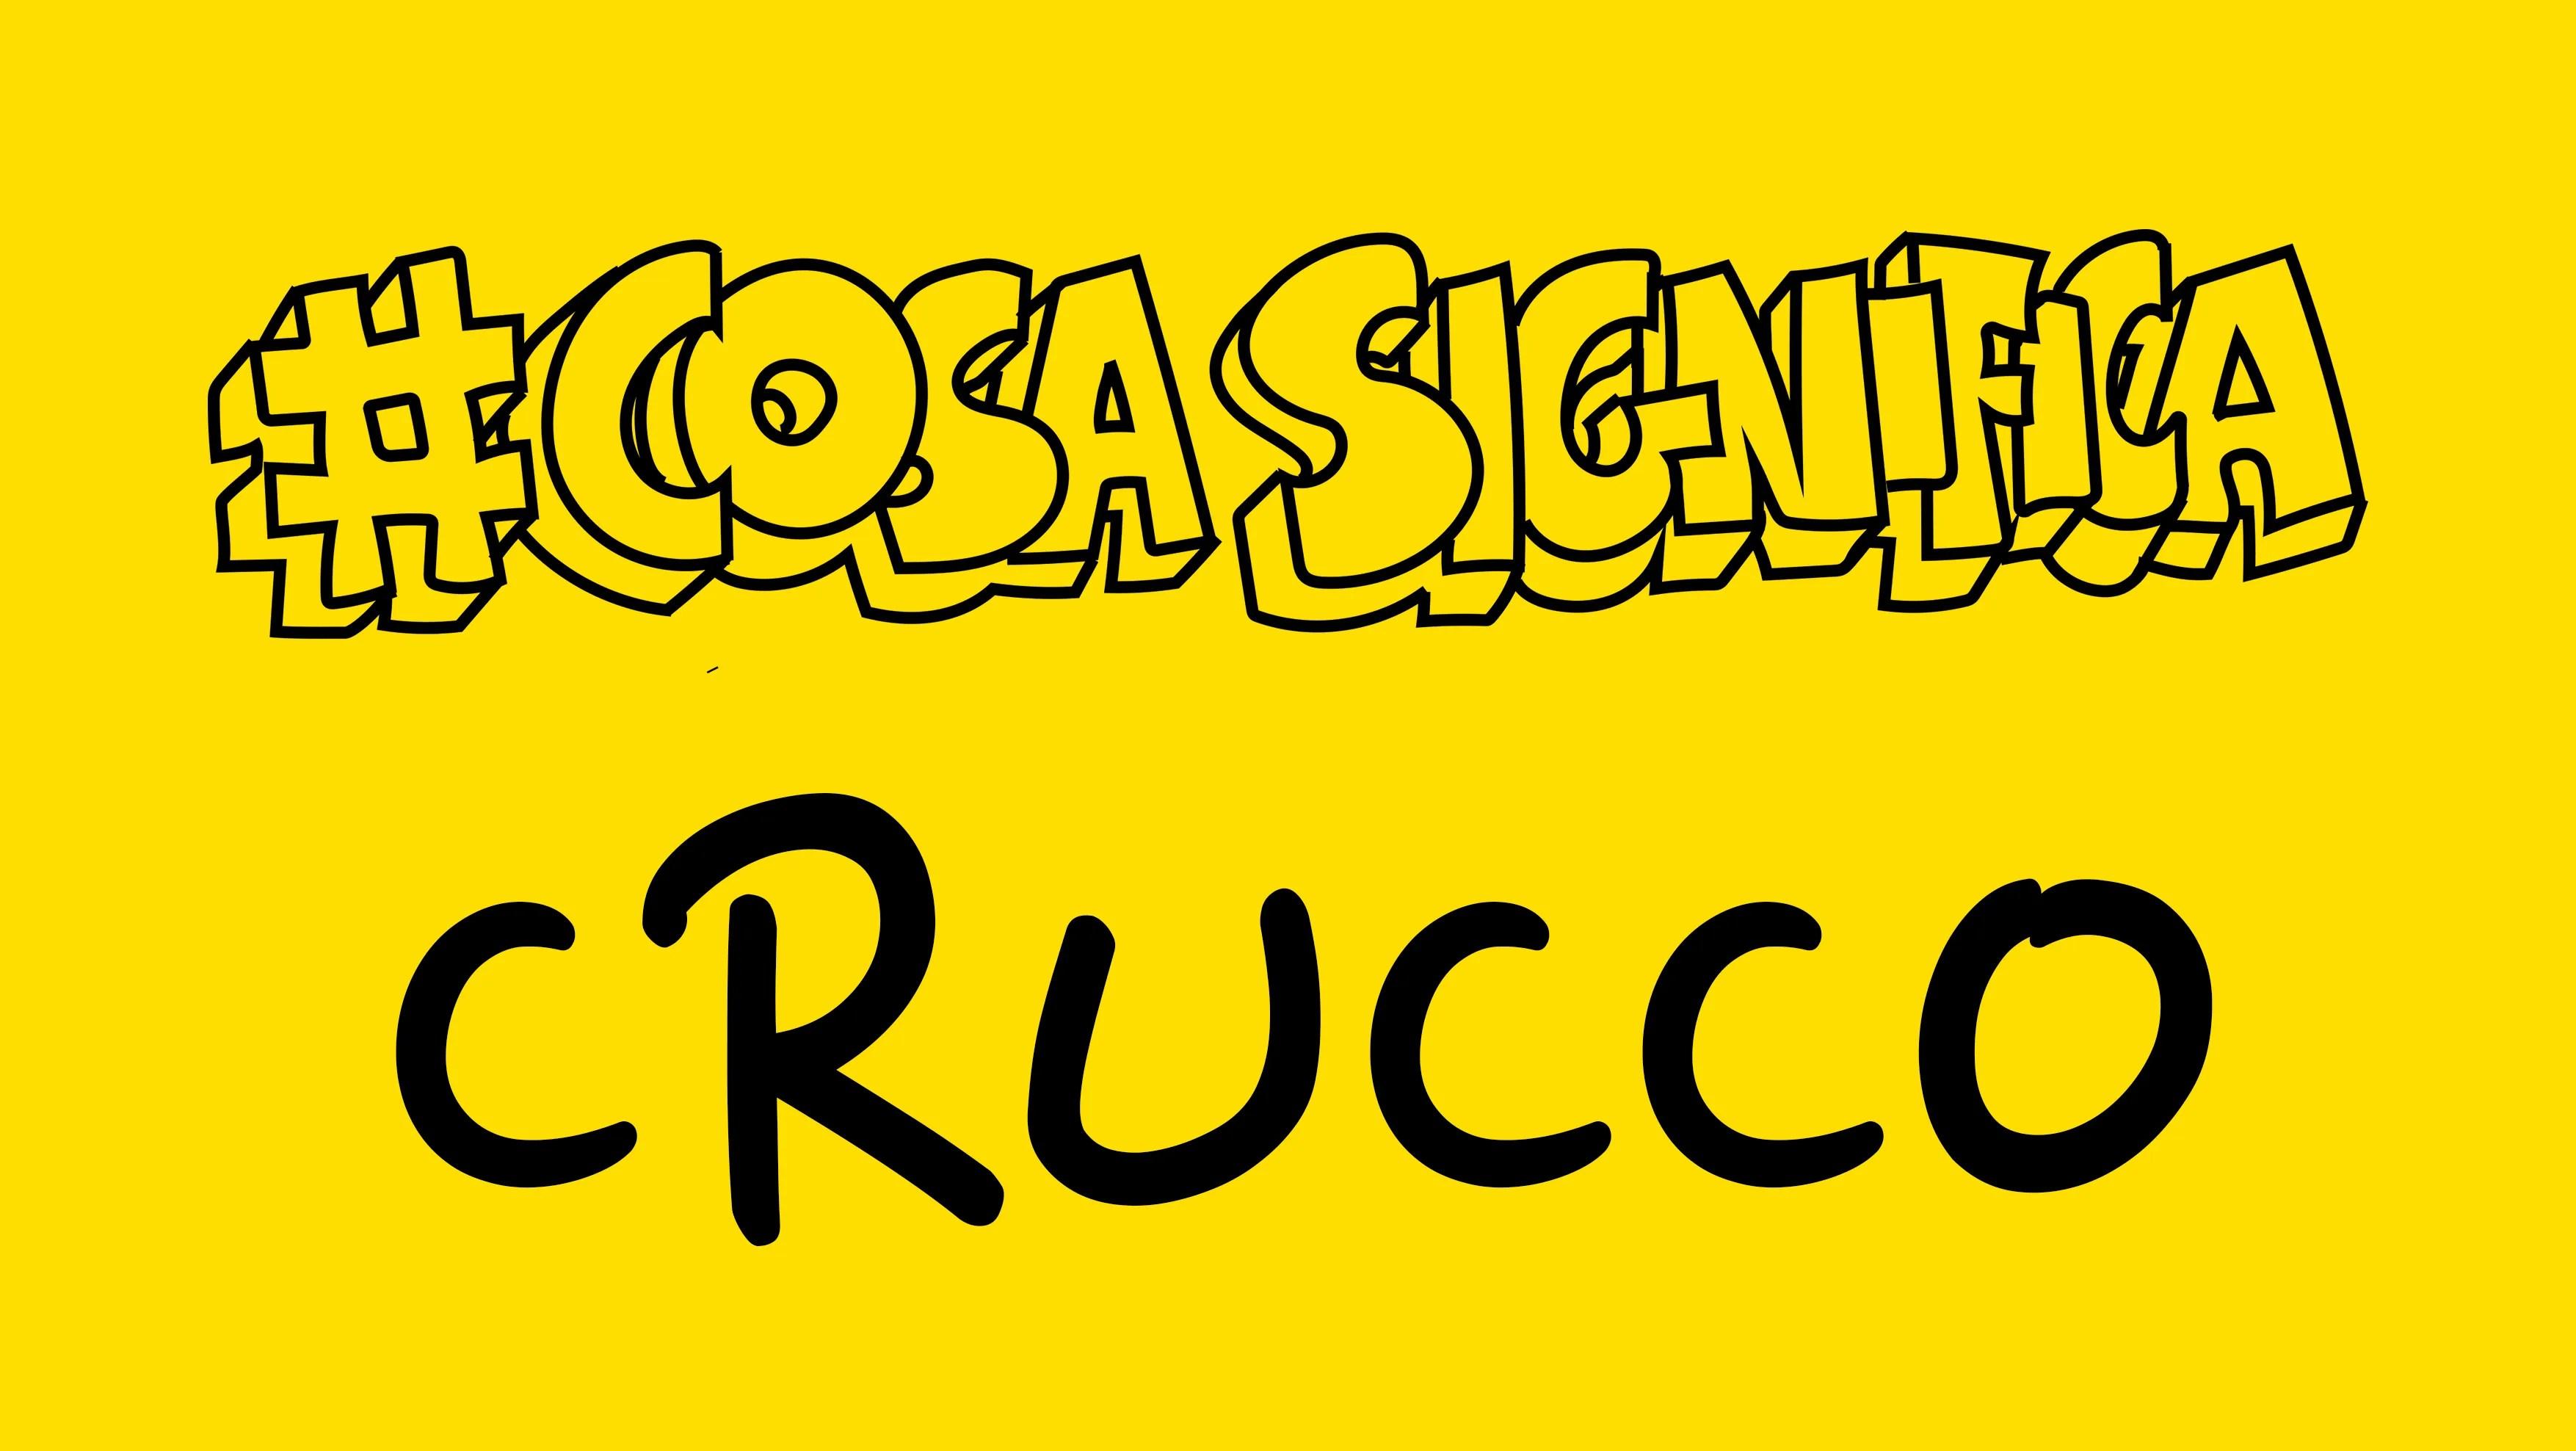 #COSASIGNIFICA CRUCCO? #TELOSPIEGO!